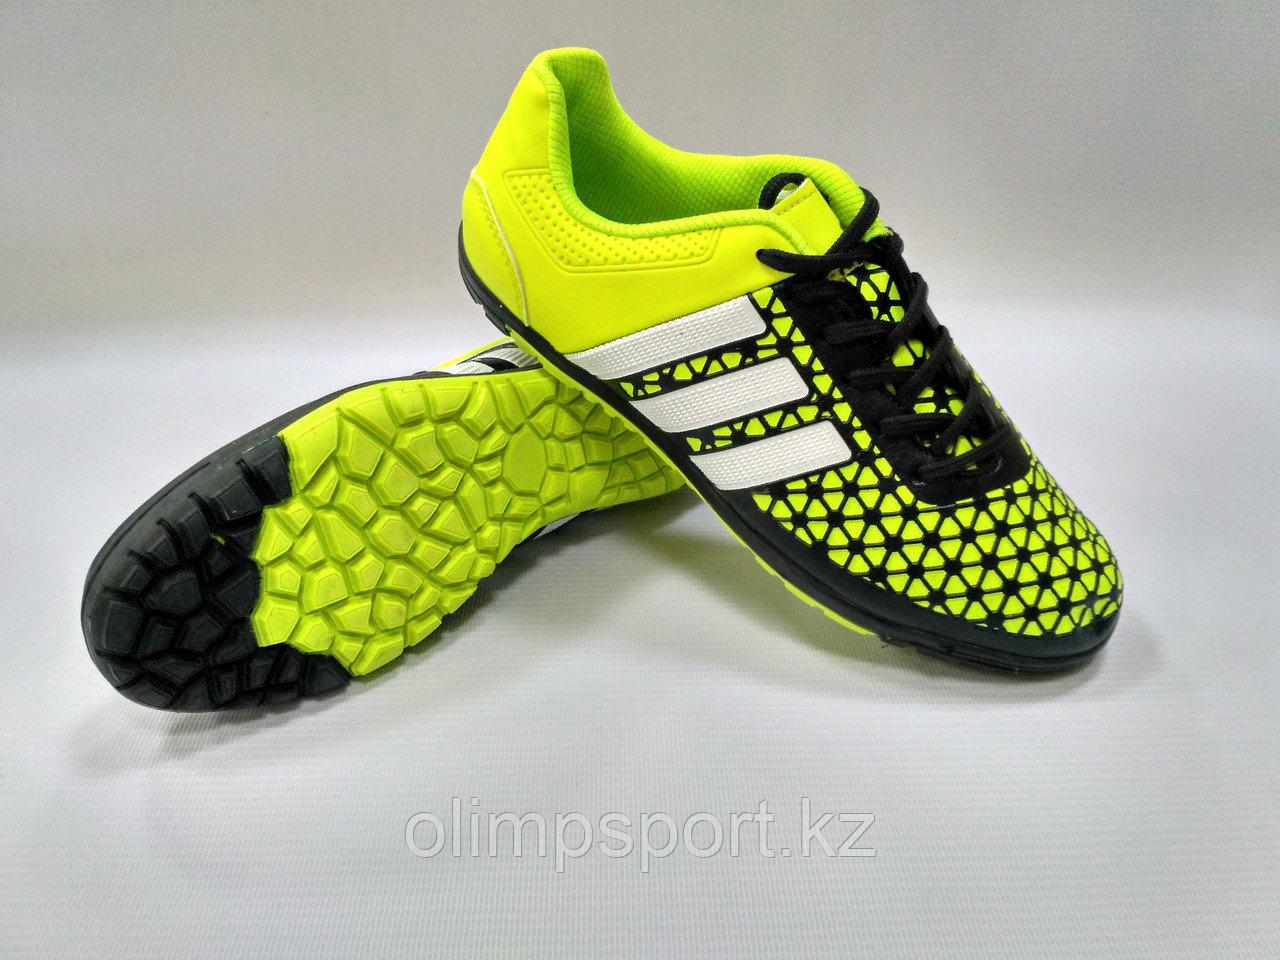 Обувь для футбола, шиповки, сороконожки  Adidas Ace